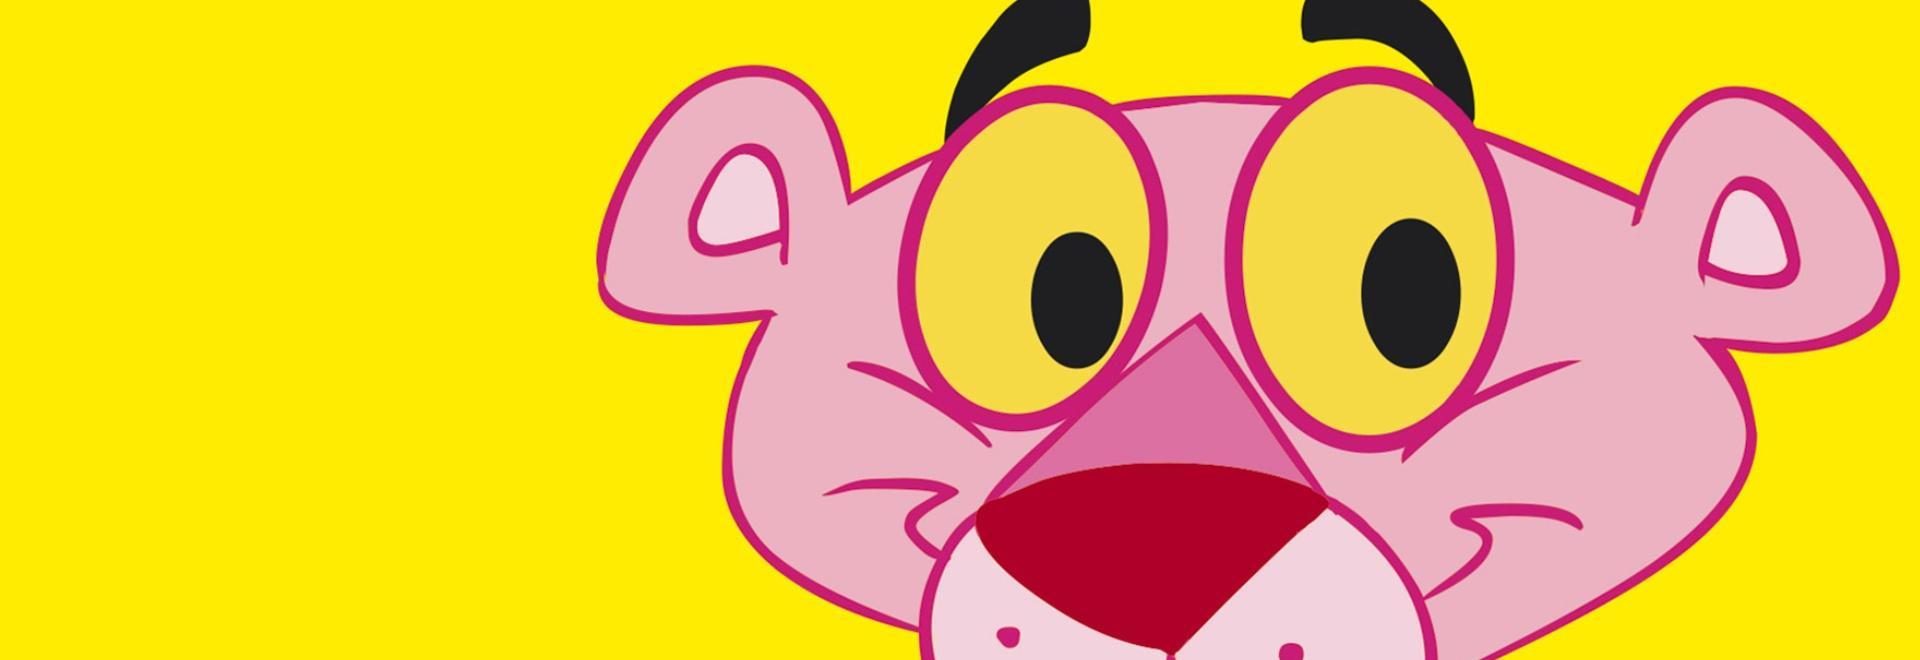 Se rosa è la schiuma, il vestito profuma / Il cane imbambolato / La mostra del pittore rosa